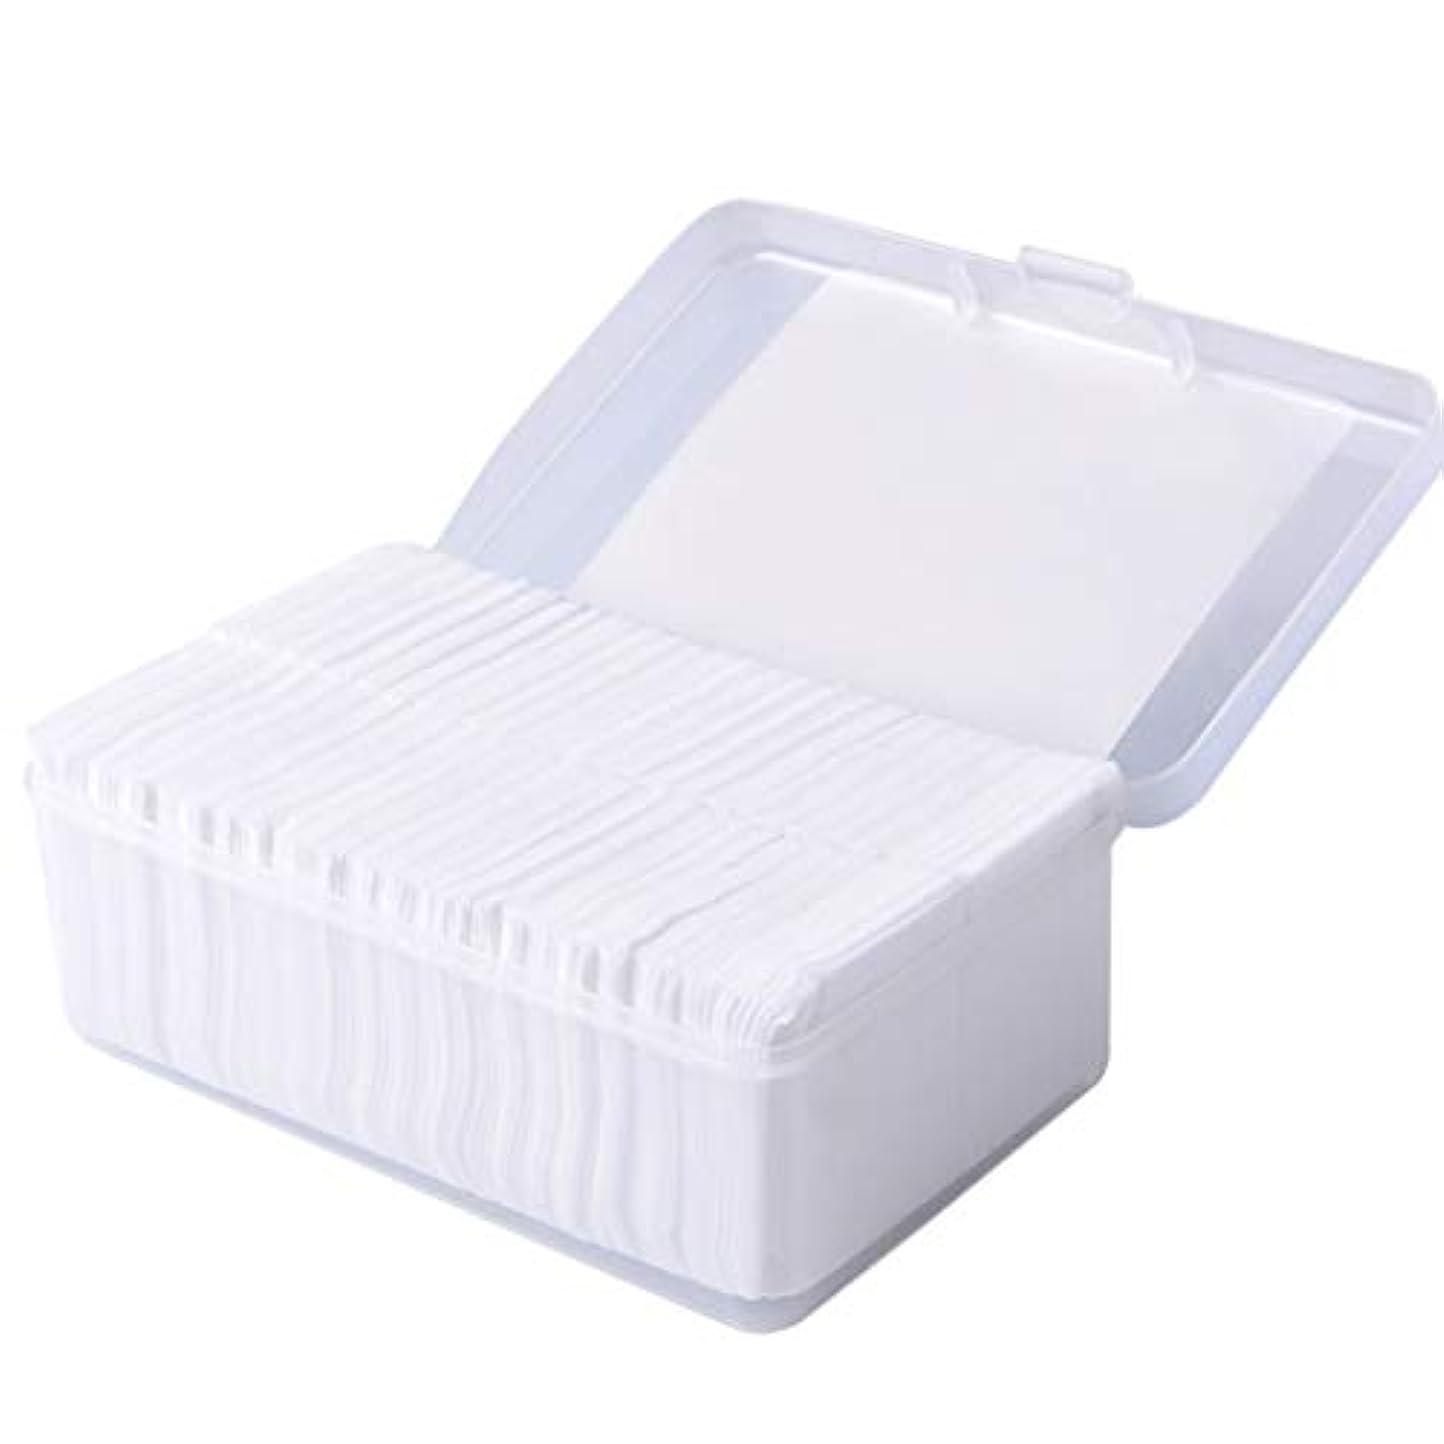 財布同様に効率的にクレンジングシート 1000ピースコットンパッド化粧コットンワイプソフトメイク落としパッドフェイシャルクレンジングペーパーワイプスキンケアリムーバー (Color : White)